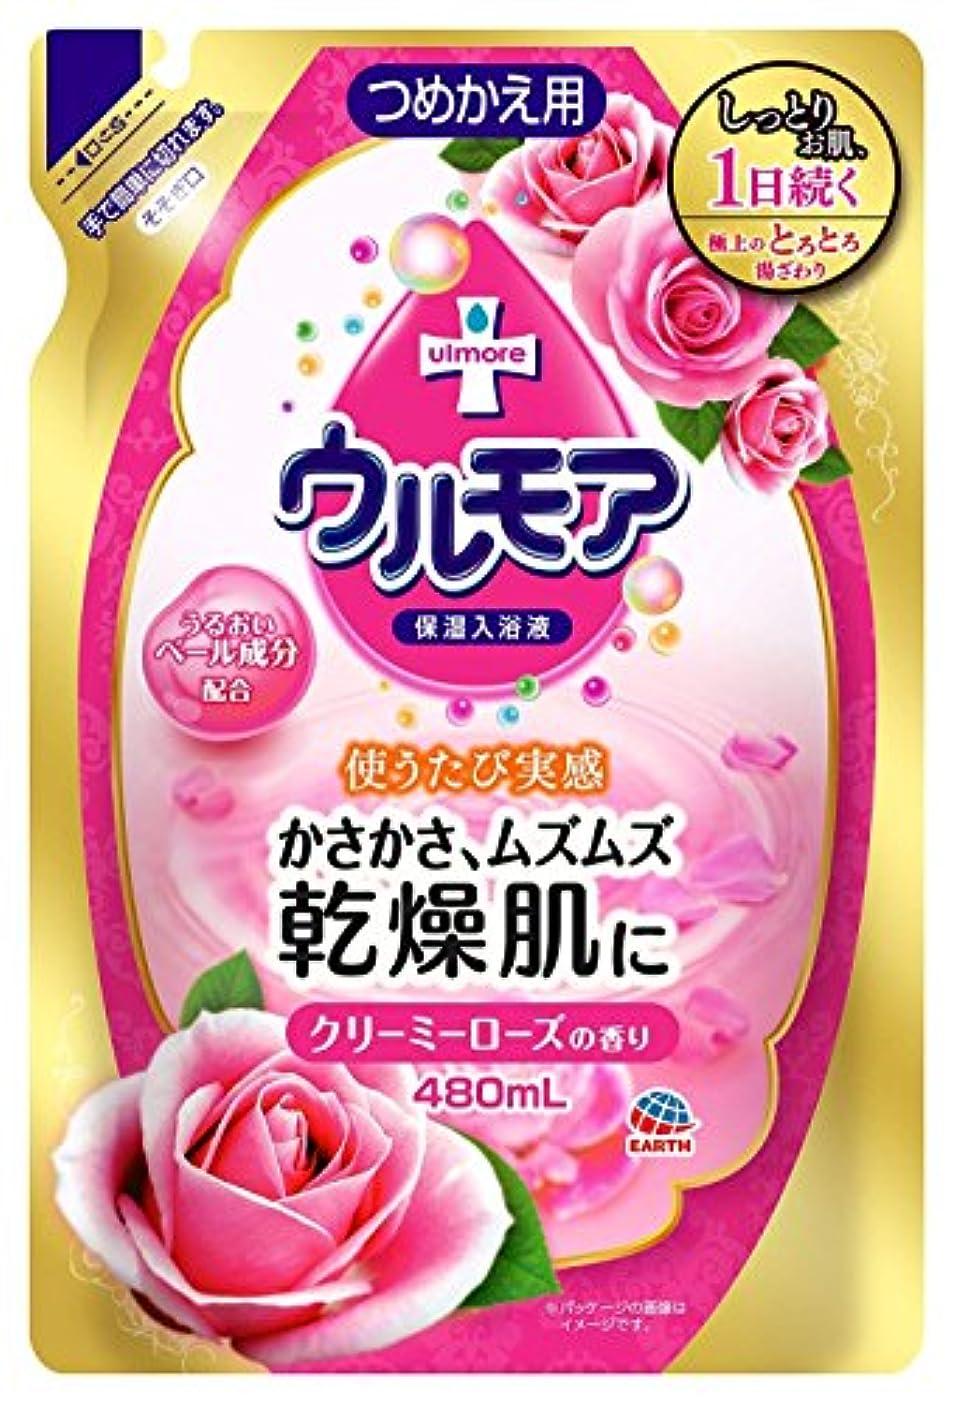 上院議員ベックス熱望する【アース製薬】保湿入浴液ウルモアクリーミーローズの香り 詰替え用 480ml ×3個セット